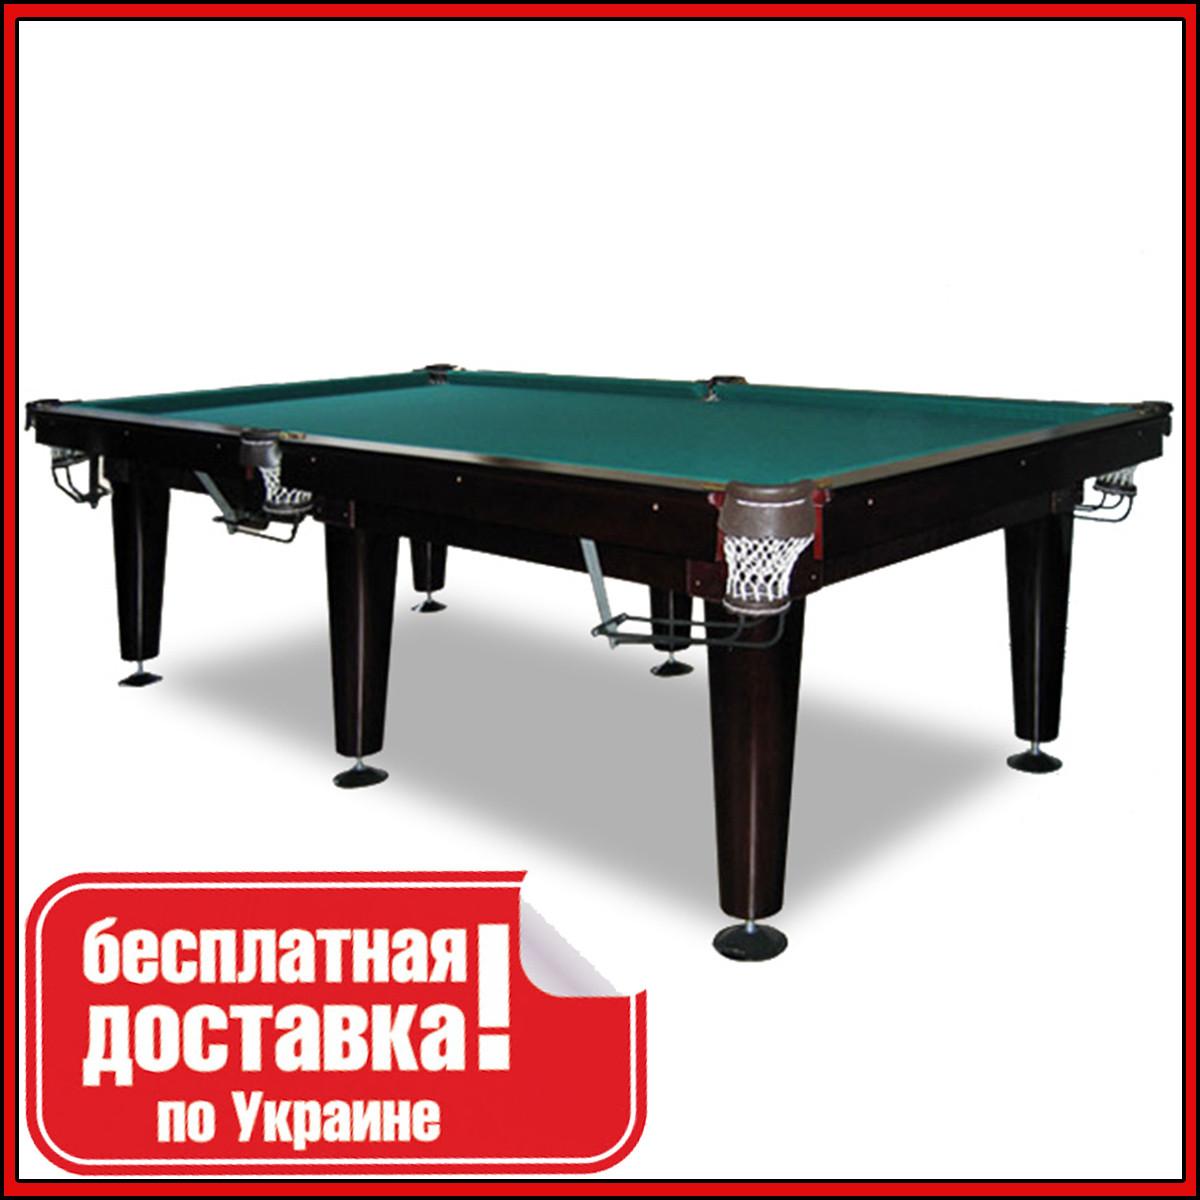 Бильярдный стол для пула КЛАССИК ЛЮКС 7 футов Ардезия 2.0 м х 1.0 м из натурального дерева